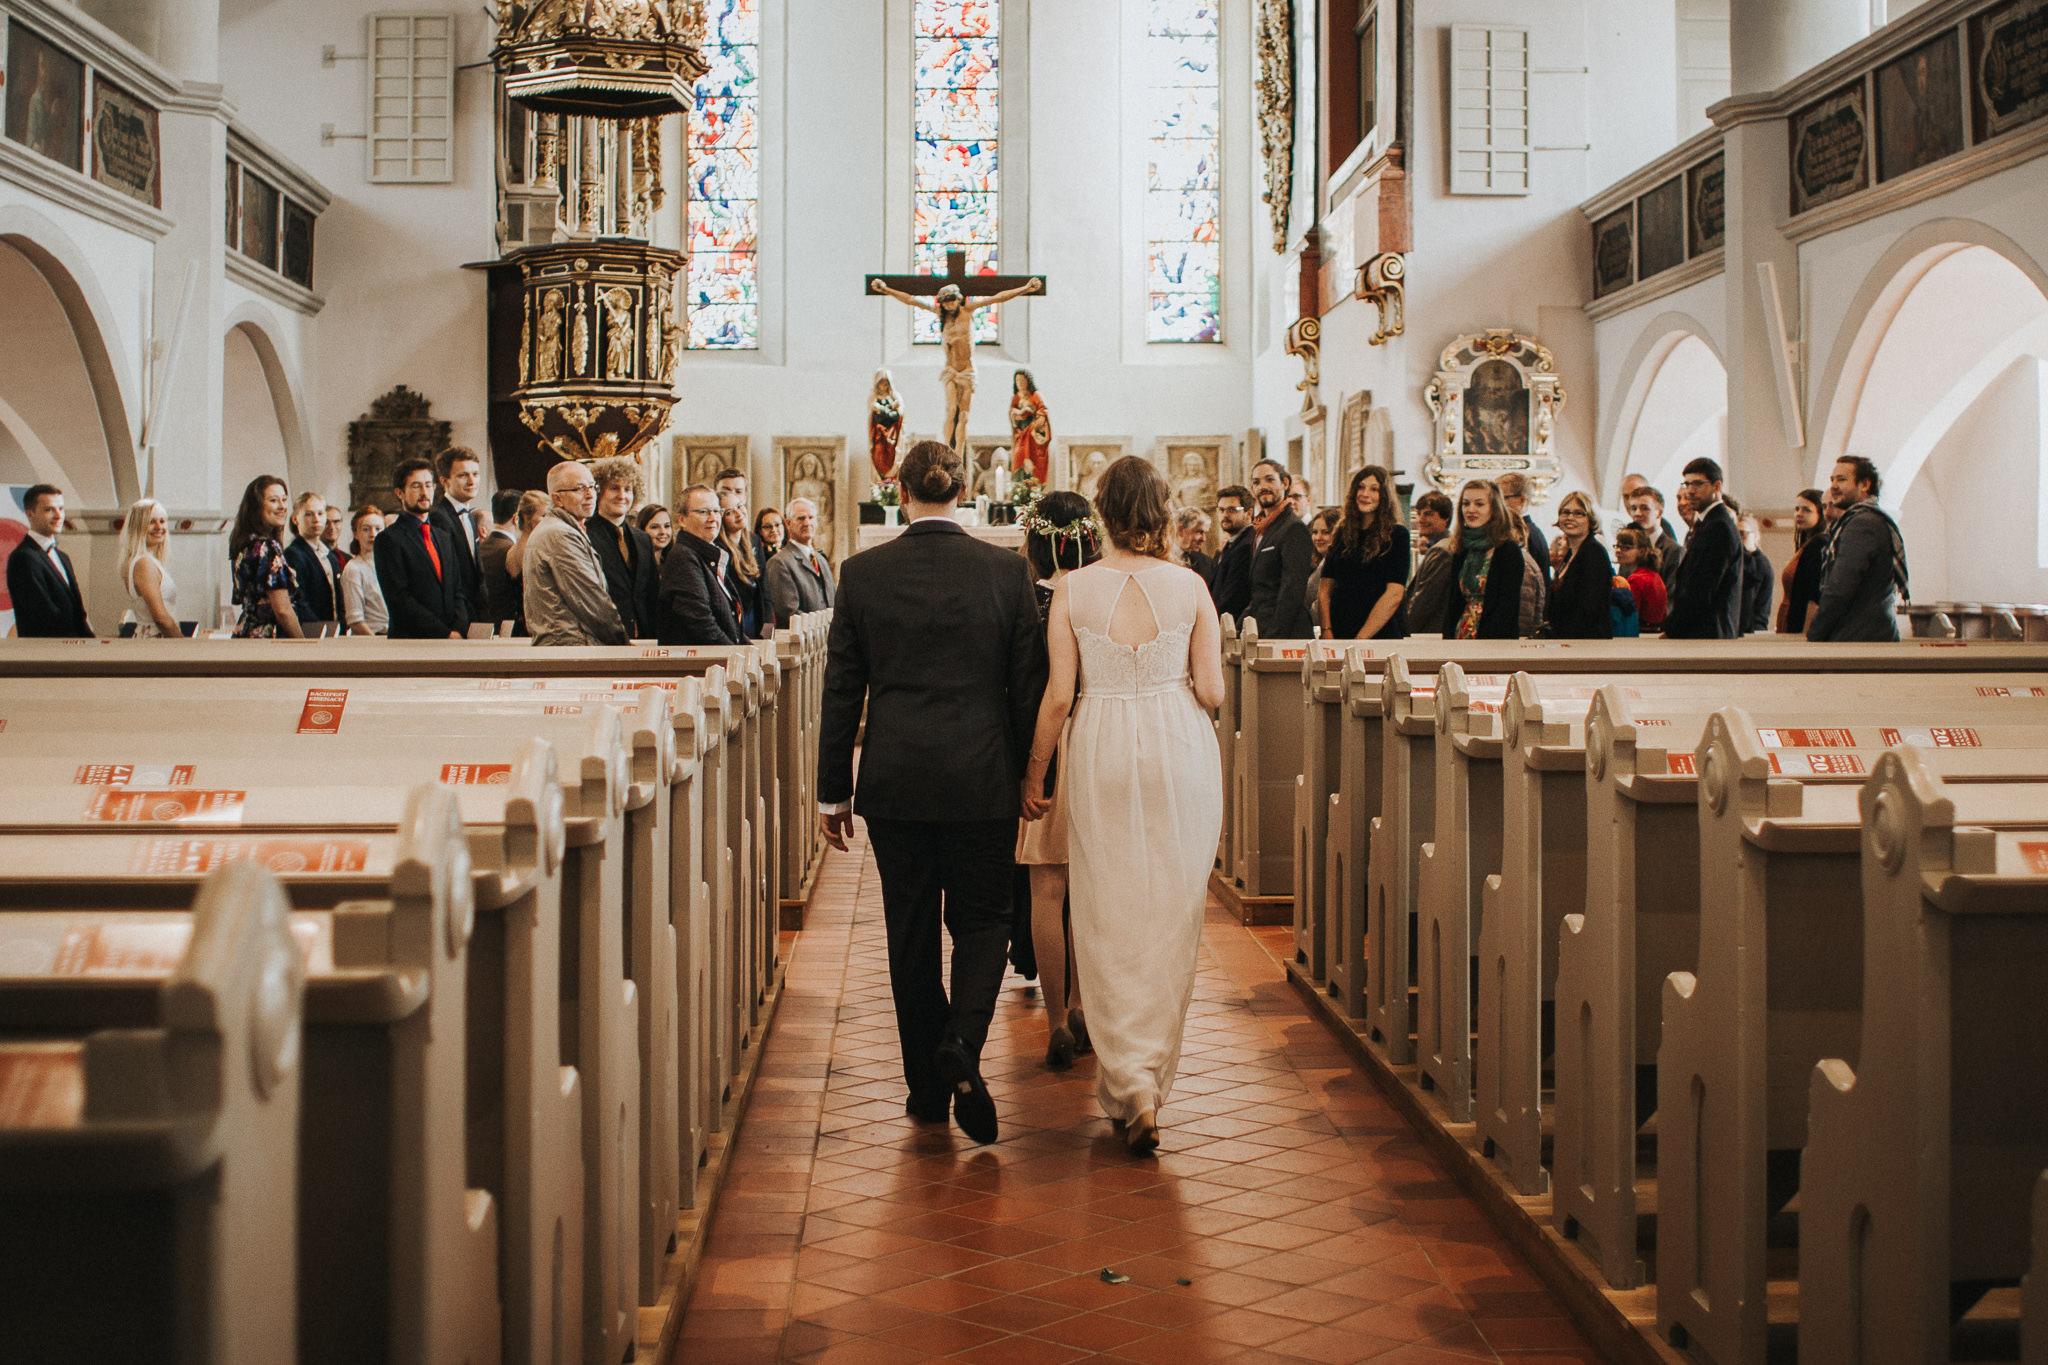 Lutherhaus Eisenach Einzug von Braut und Bräutigam